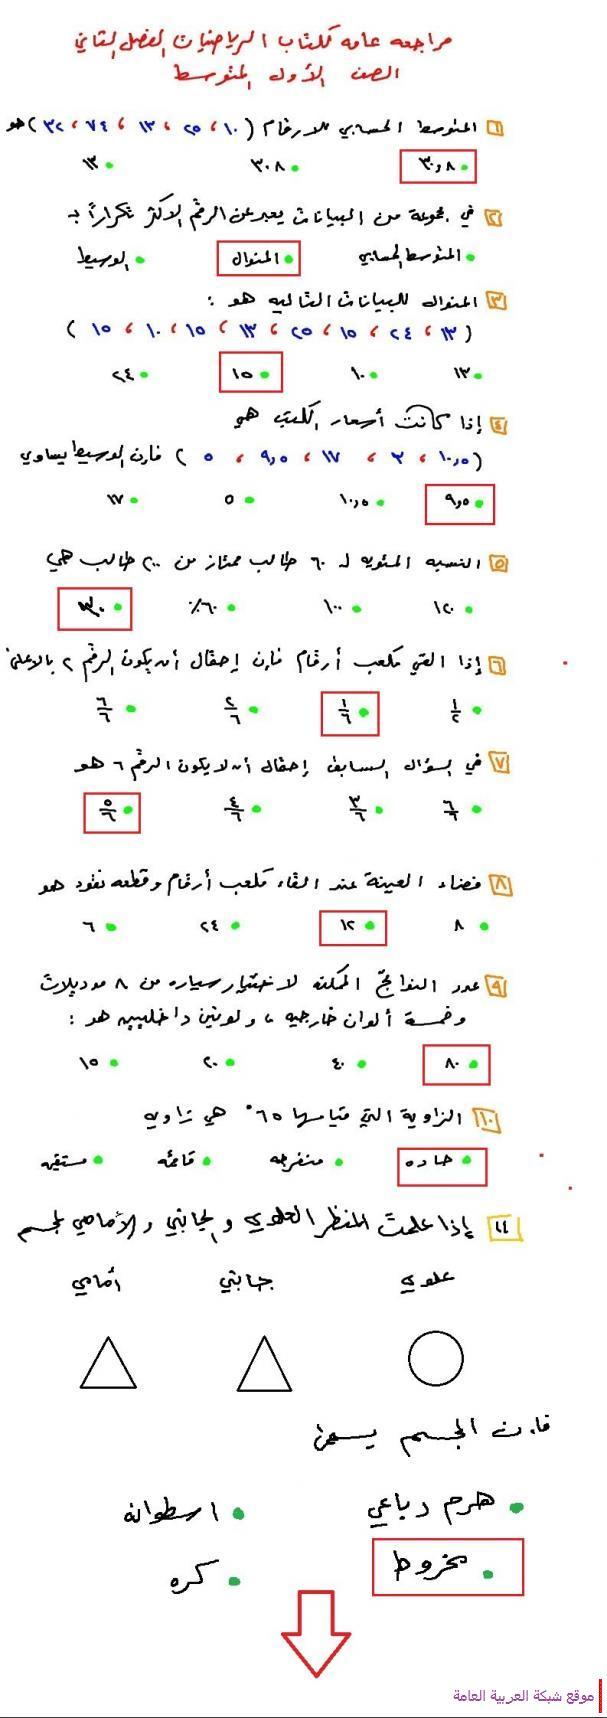 أسئلة مراجعة مع الحل لمادة الرياضيات للصف الأول متوسط الفصل الثاني لعام1434هـ 13685158841.jpg